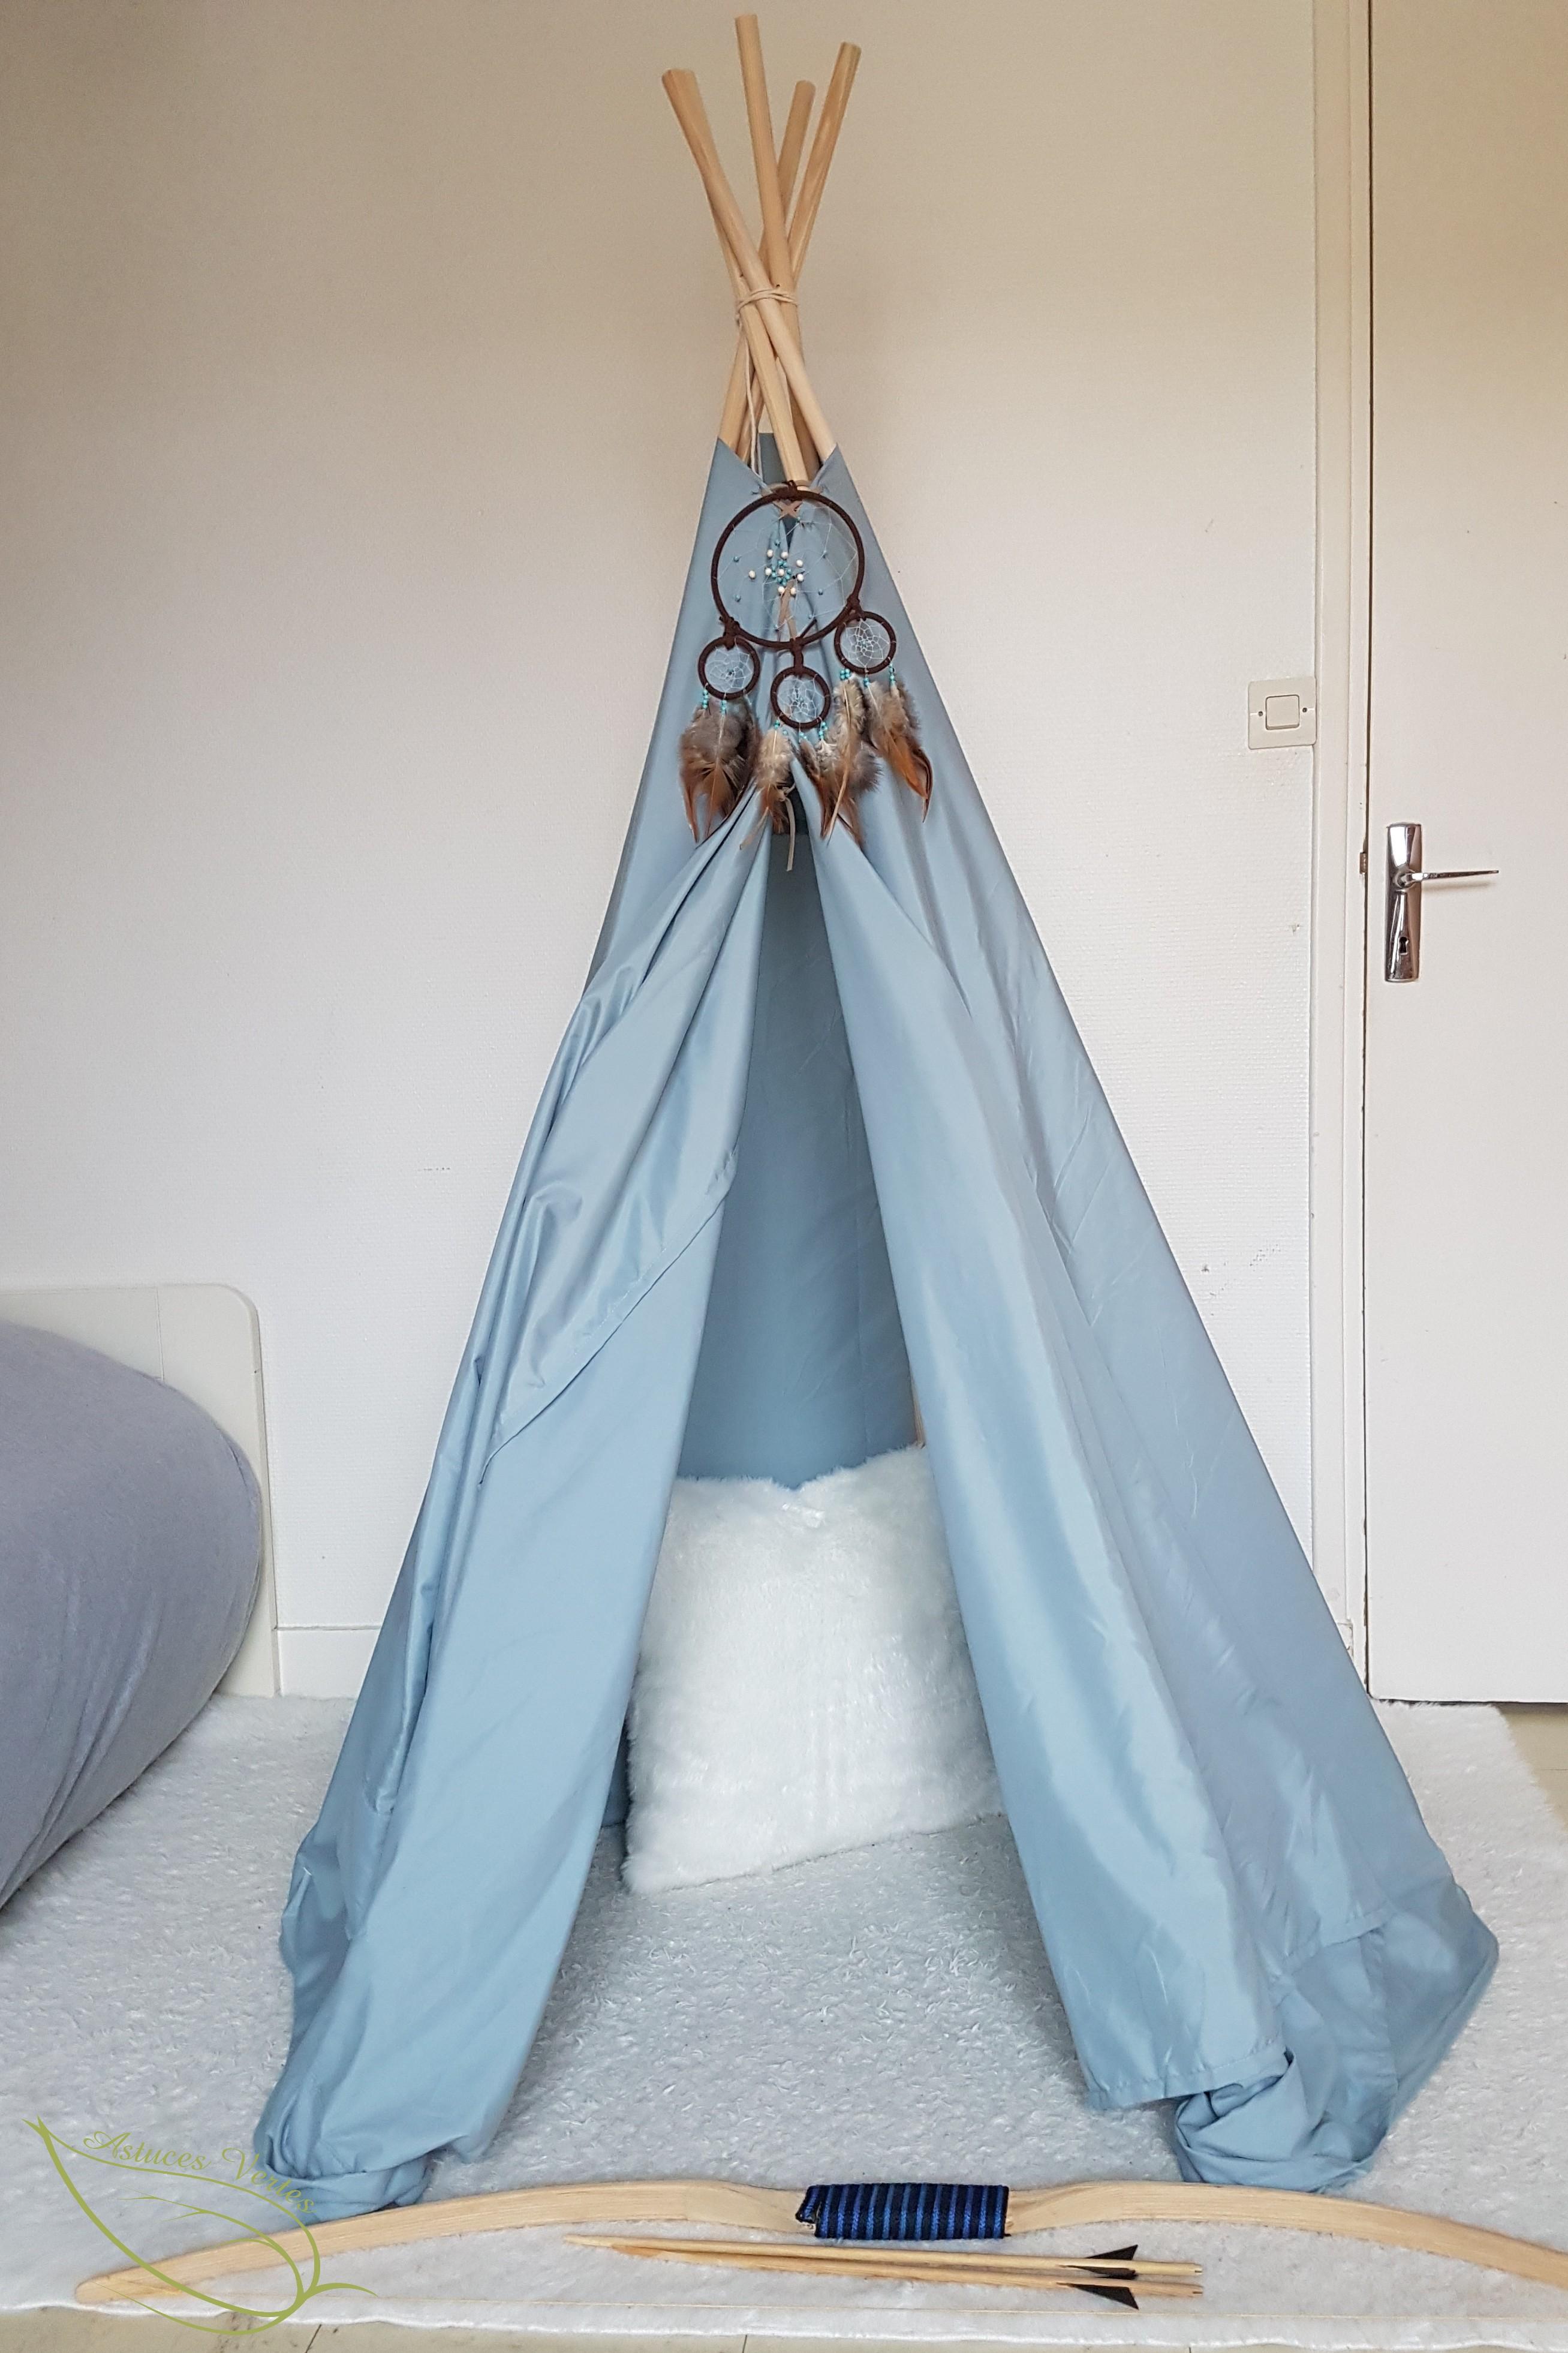 diy le tipi indien sans couture pour une chambre d enfants les astuces vertes de kory and cie. Black Bedroom Furniture Sets. Home Design Ideas